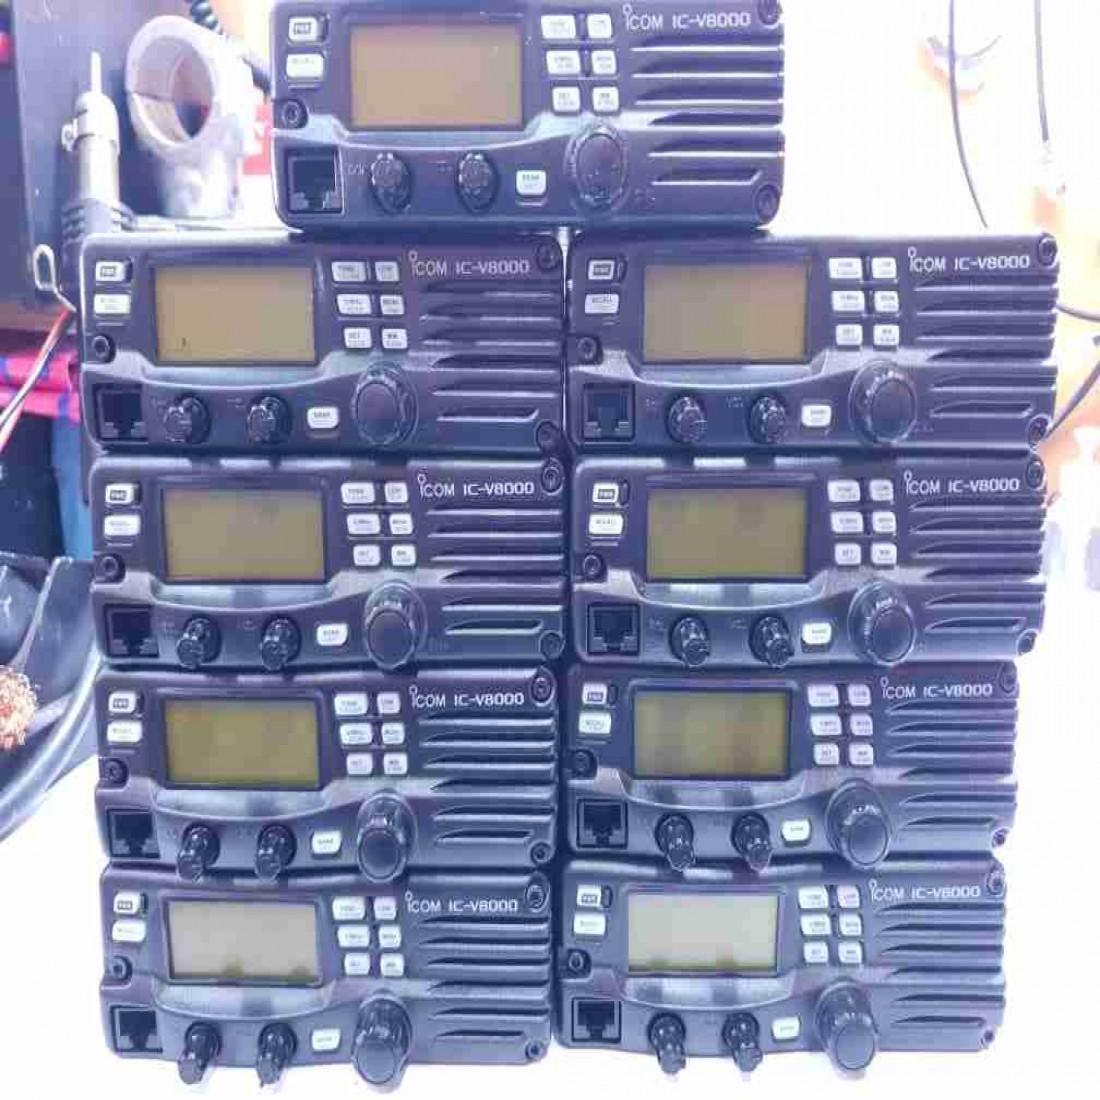 فروش بیسیم Icom v8000